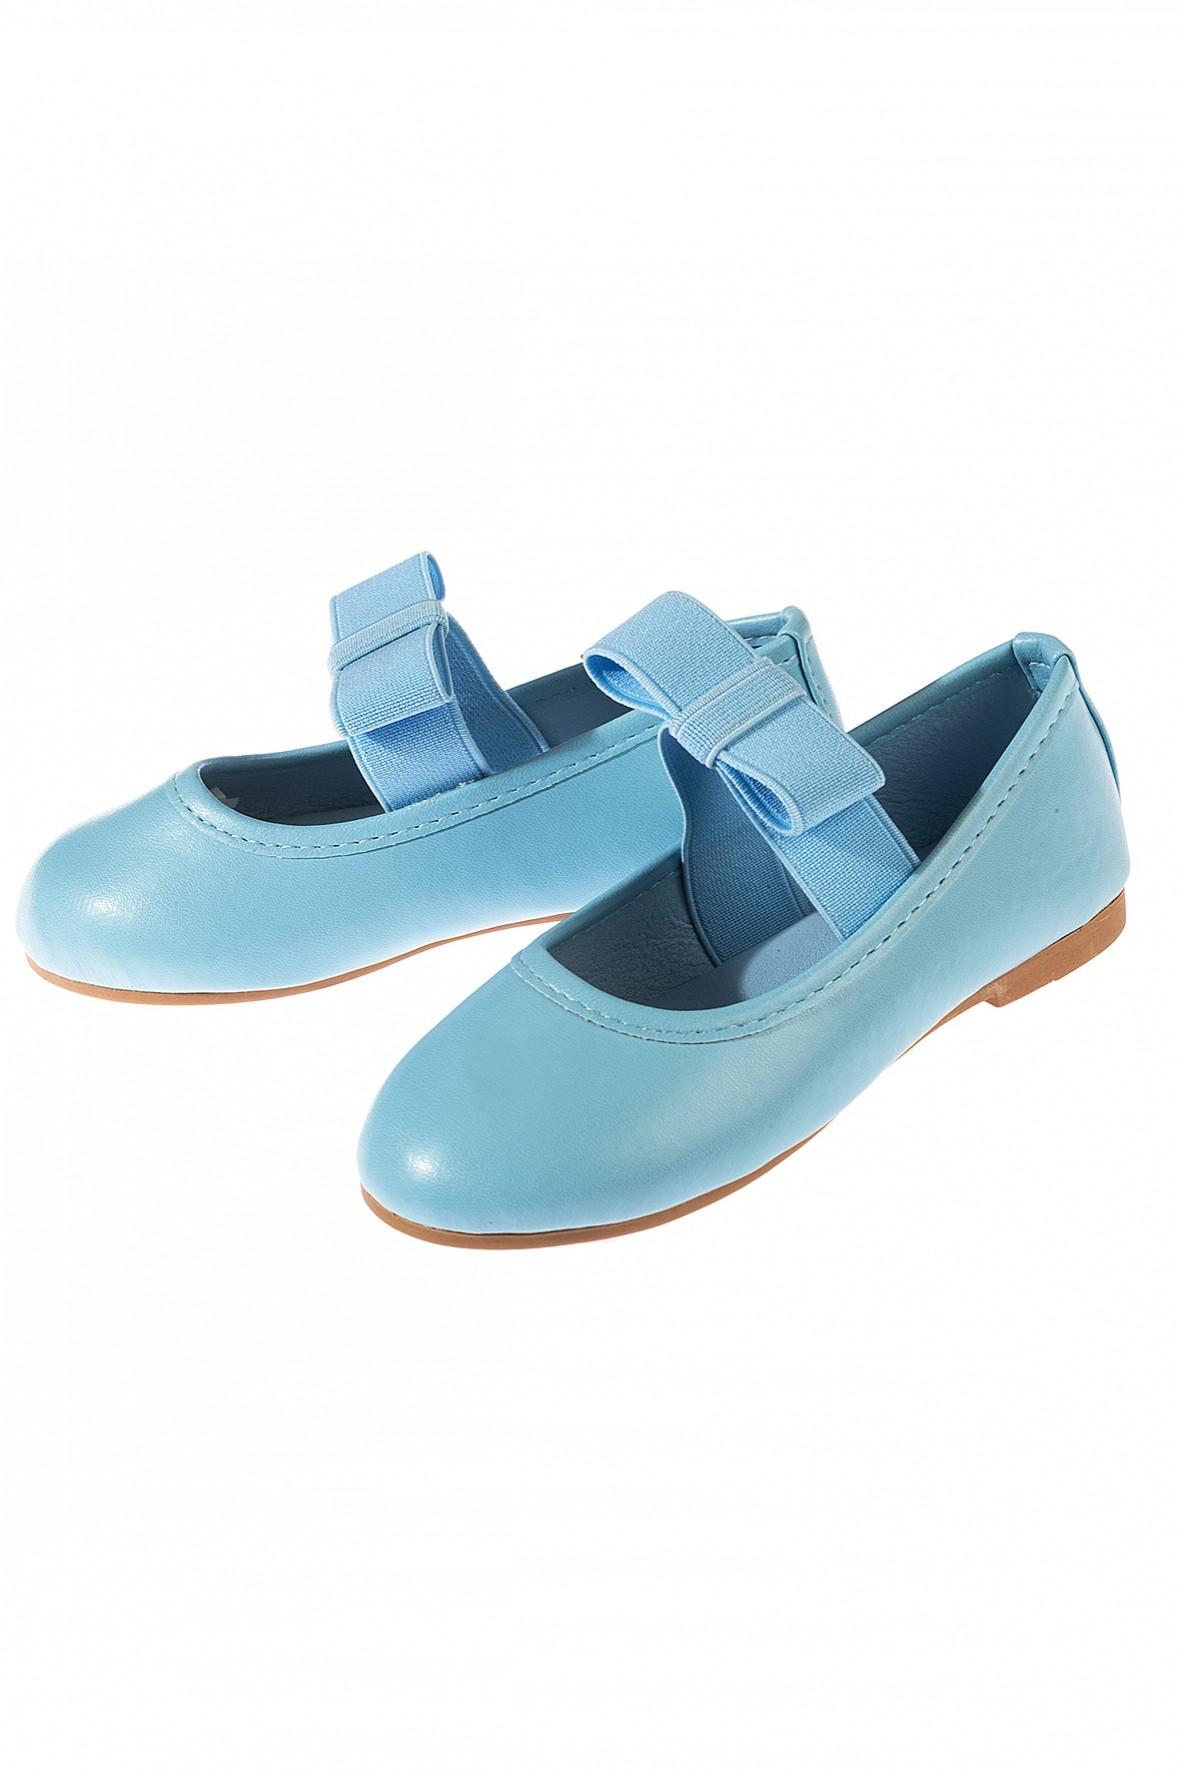 Buty dla dziewczynki- baleriny